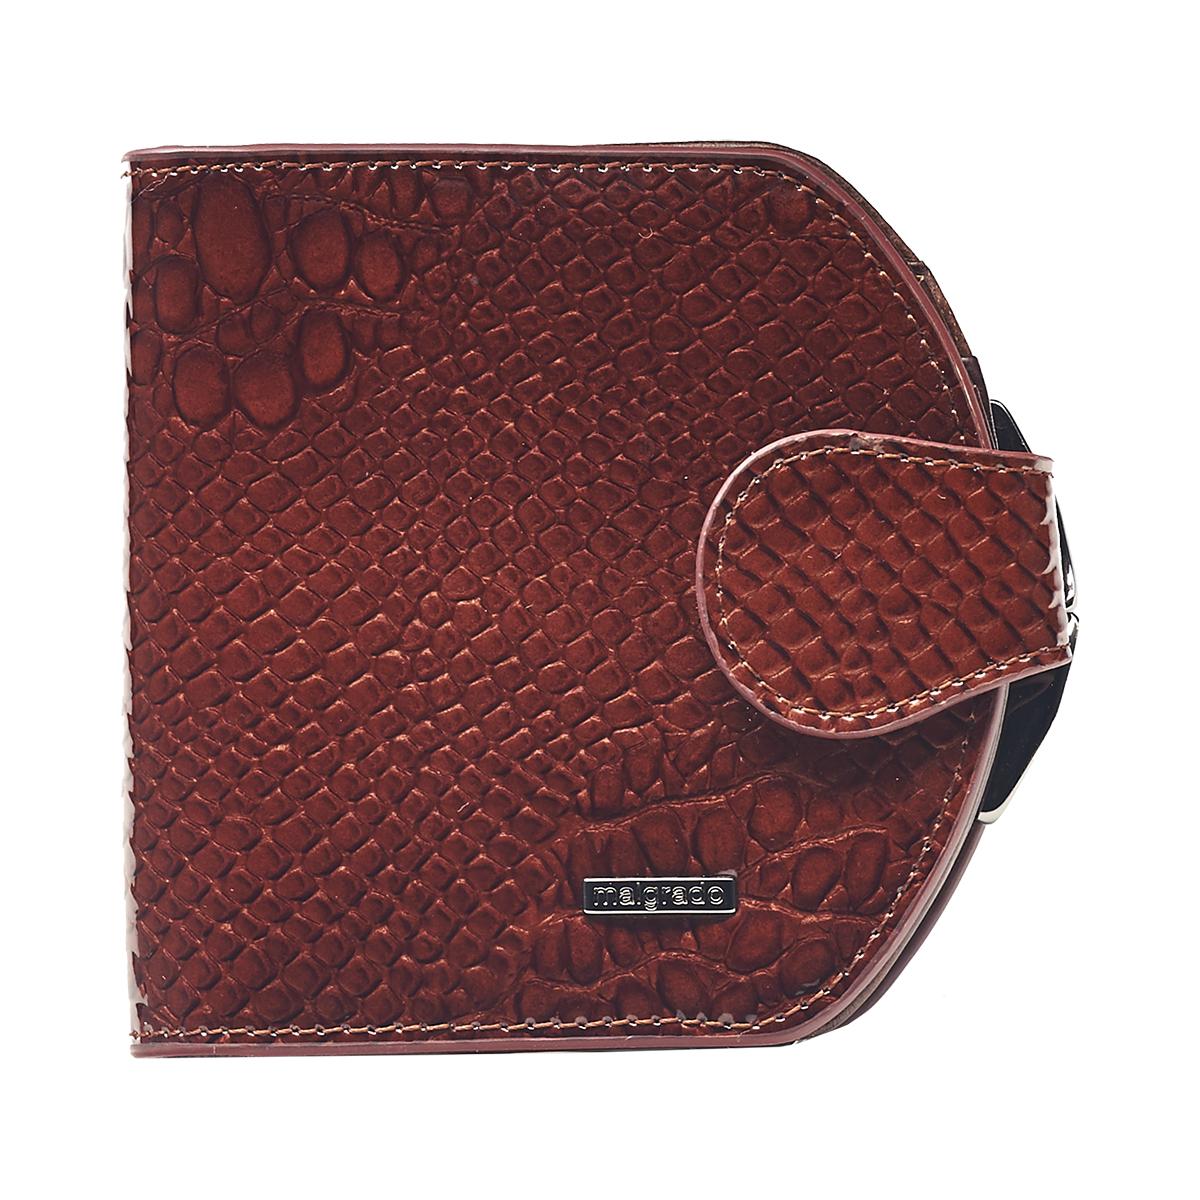 Кошелек женский Malgrado, цвет: коричневый. 41007-0440341007-04403# Brown Кошелек Сред. MalgradoСтильный кошелек Malgrado изготовлен из натуральной кожи красного коричневого высшего качества с тиснением под рептилию. Внутри два глубоких кармана для купюр, три кармашка для визиток, один пластиковый кармашек для фото. Сзади расположен карман на защелке для мелочи. Кошелек закрывается хлястиком на кнопку. Кошелек упакован в коробку из плотного картона с логотипом фирмы. Такой кошелек станет замечательным подарком человеку, ценящему качественные и практичные вещи.